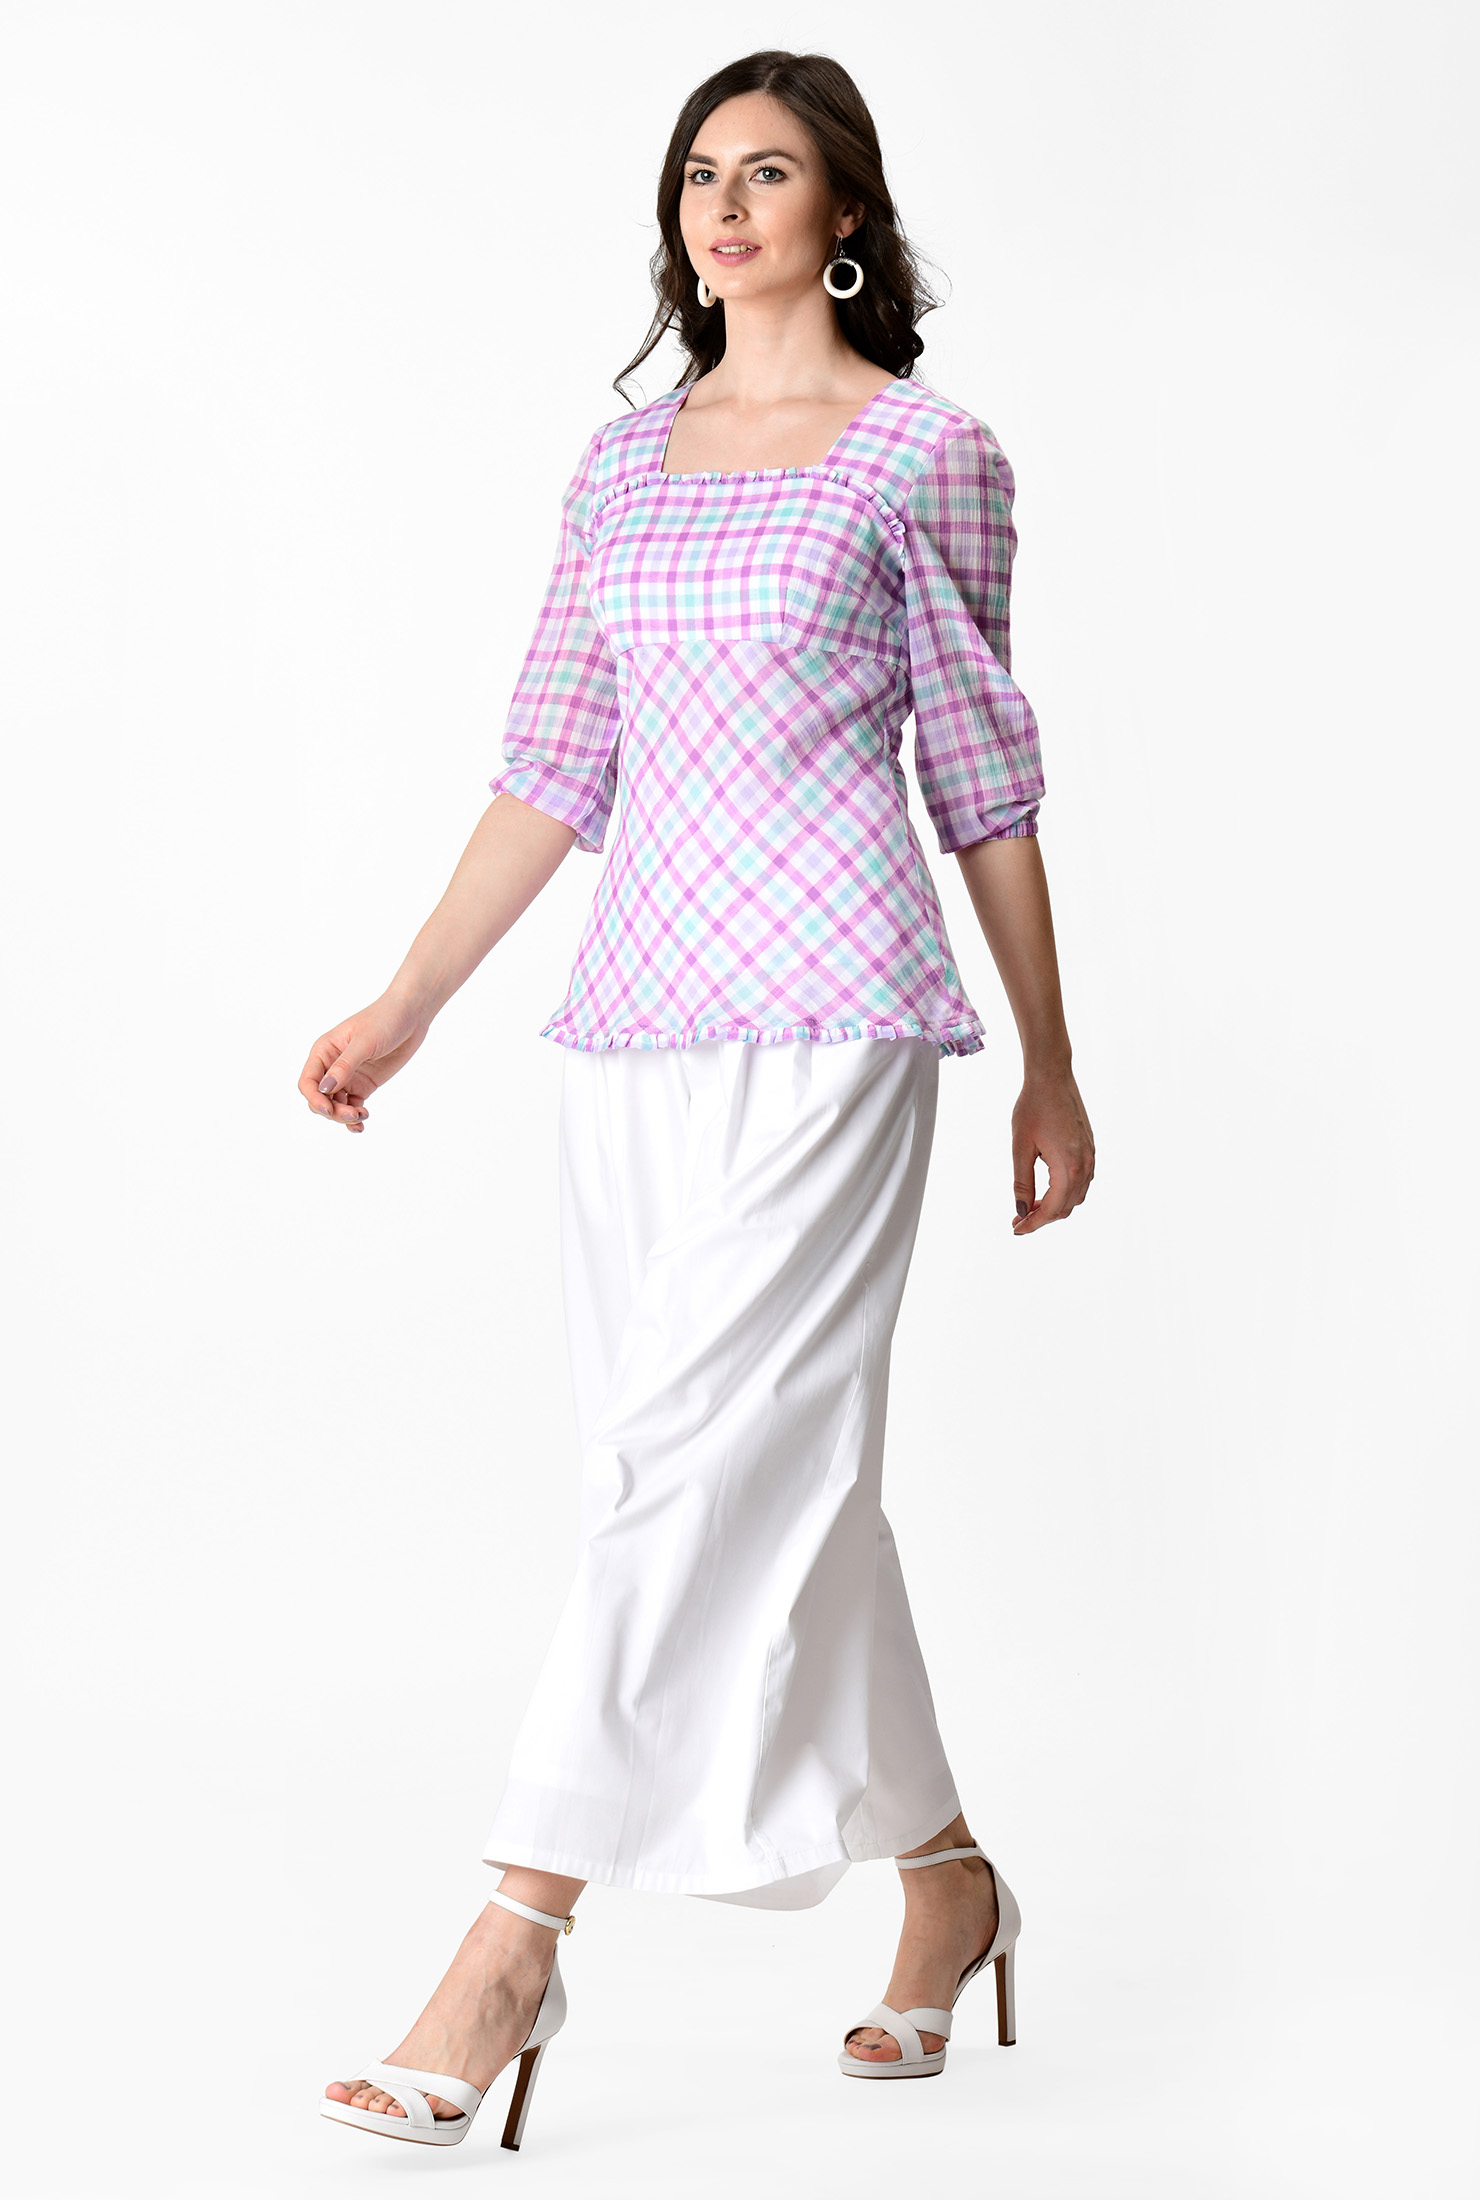 cf3318ffcdba59 Women s Fashion Clothing 0-36W and Custom